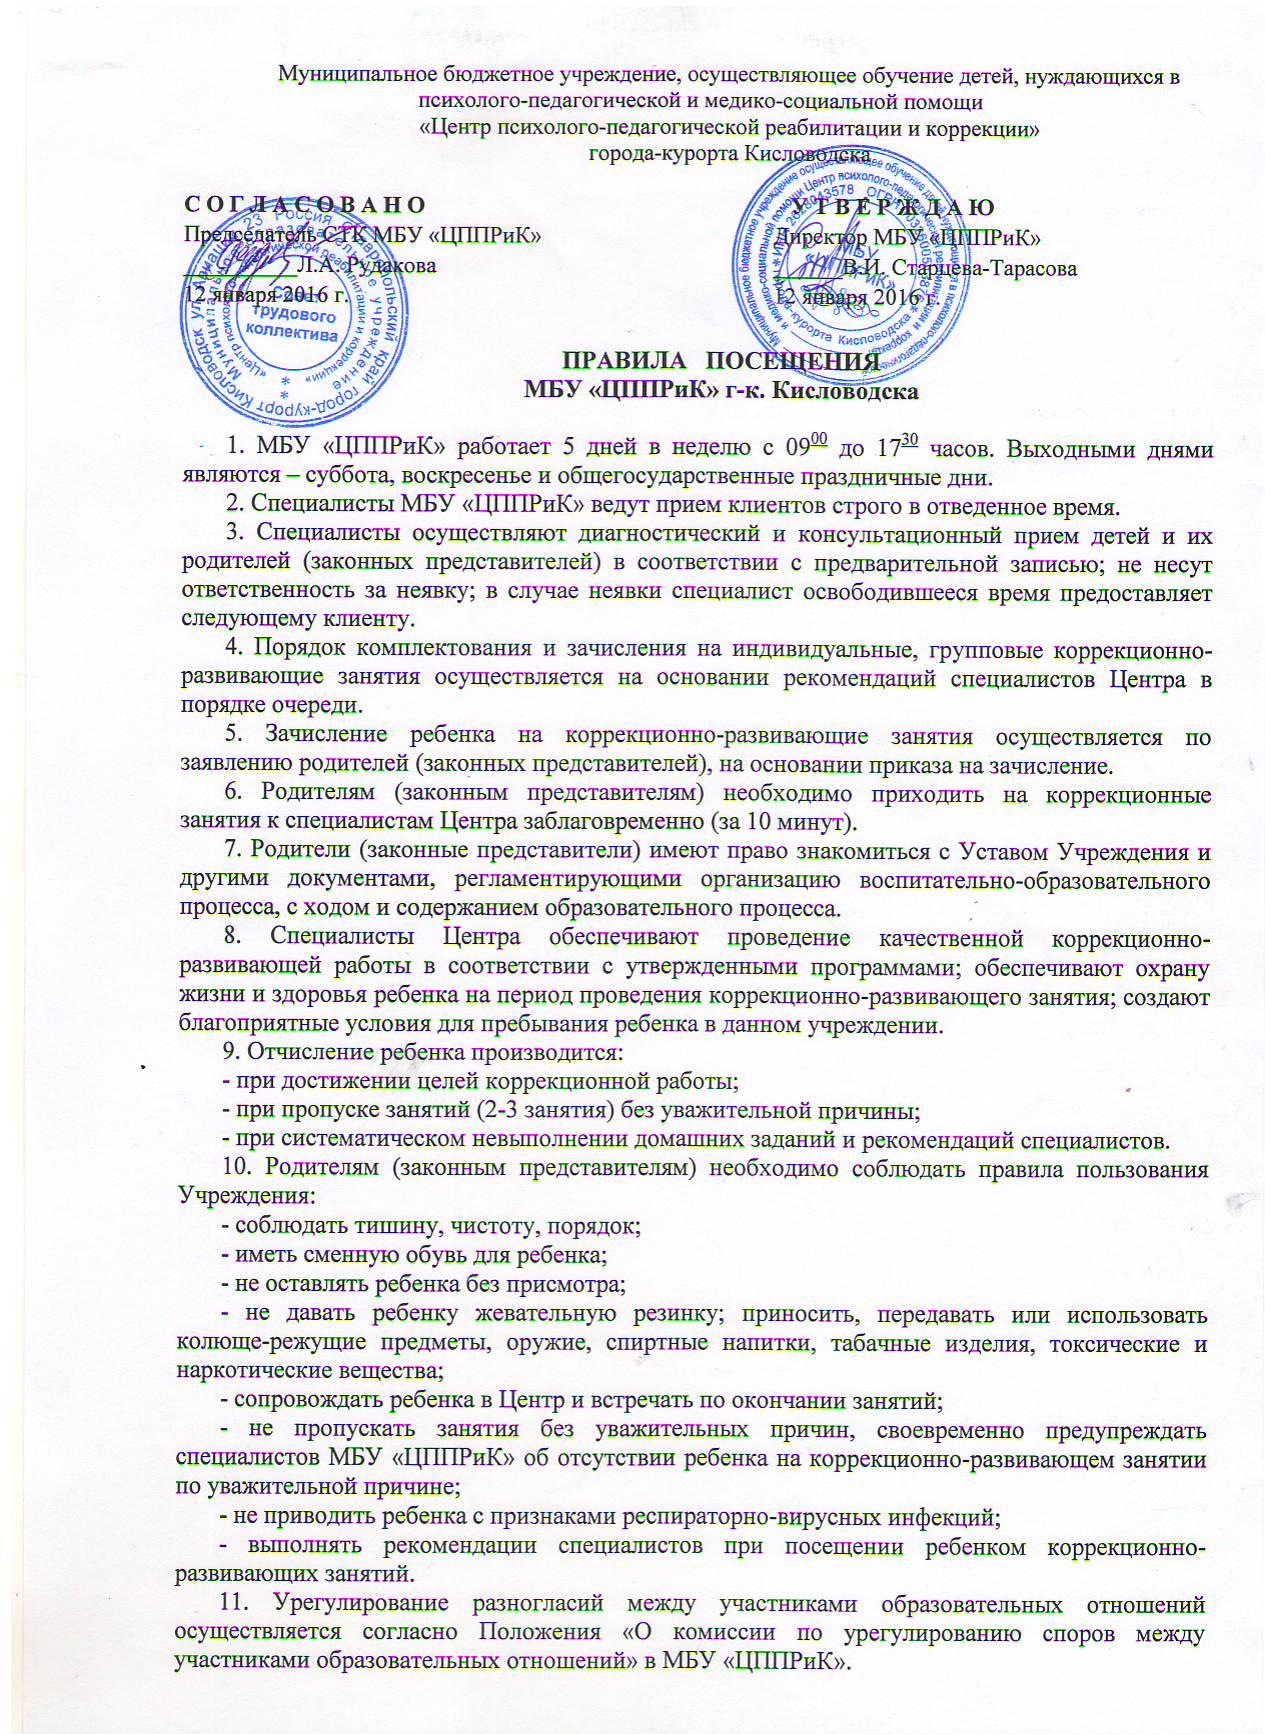 Правила ПОСЕЩЕНИЯ МБУ ЦППРиК 2016 Один лист